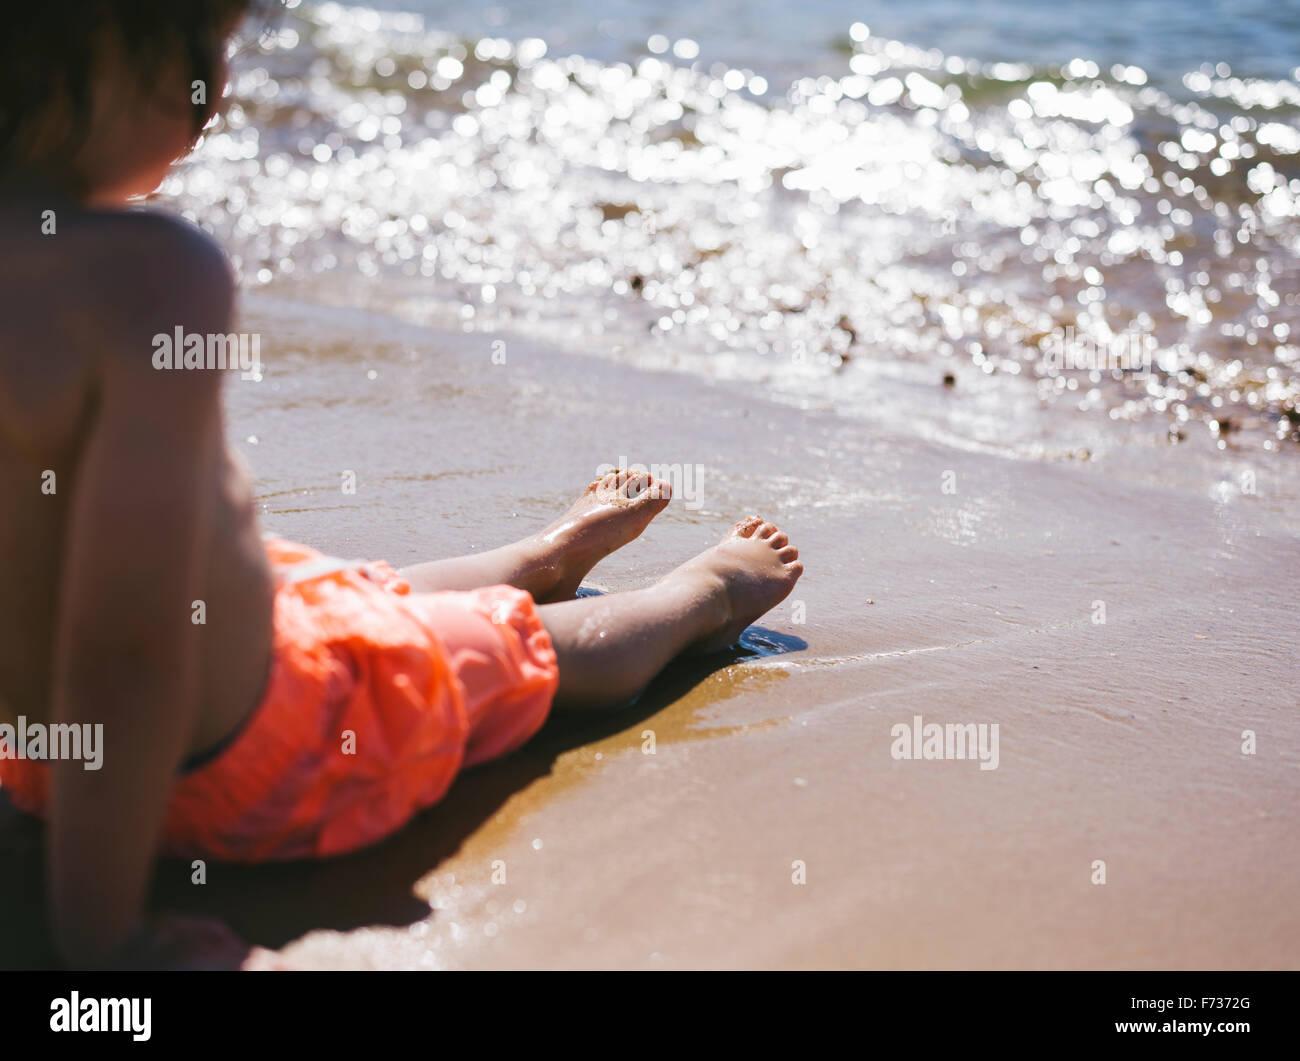 Un garçon assis sur le sable au bord de l'eau regardant les vagues à la plage. Photo Stock